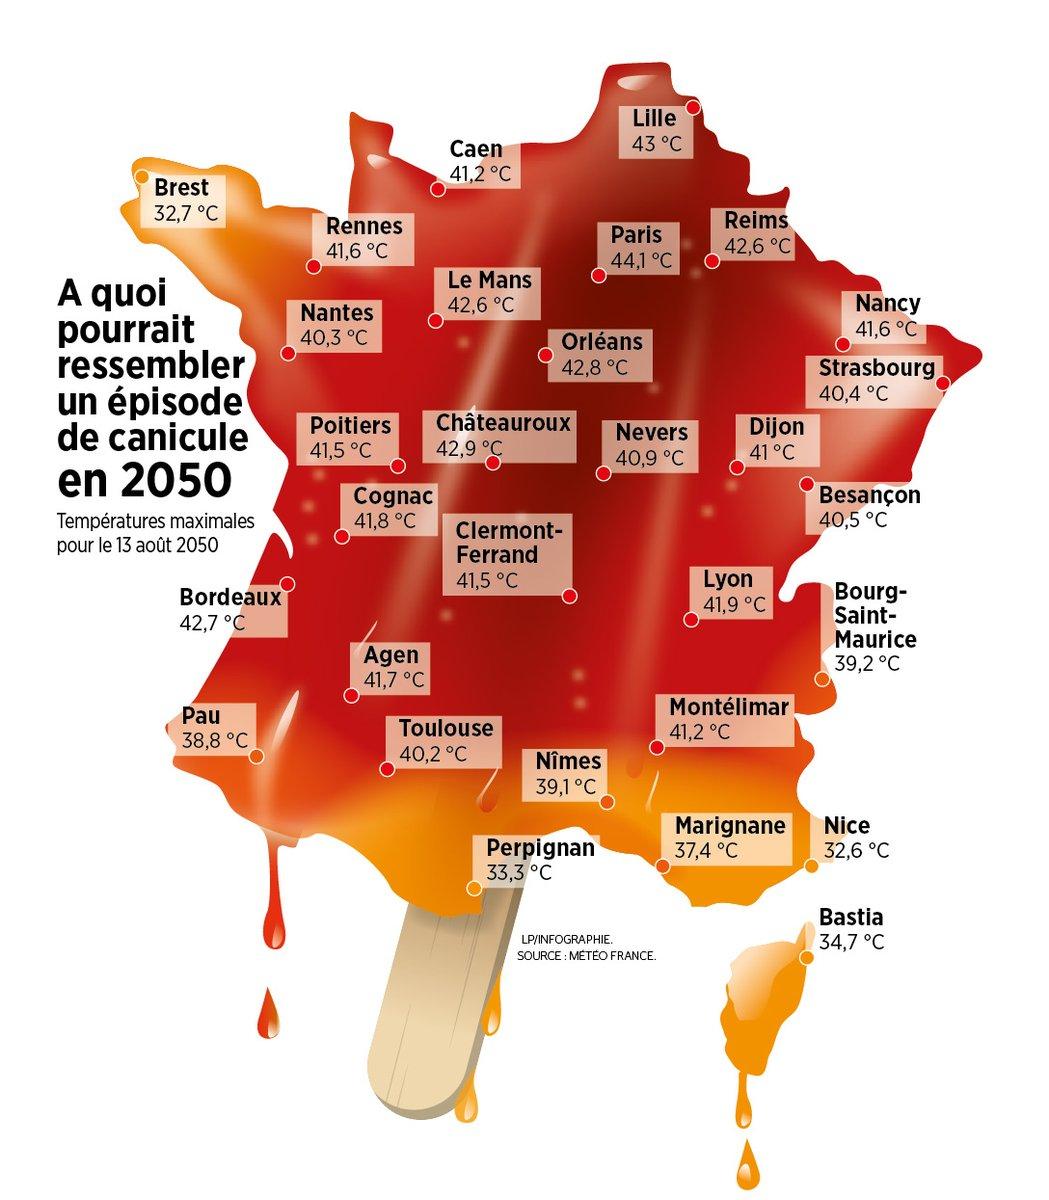 🌡️Épisode #canicule en 2050 || Météo-France a fait mouliner ses machines pour la réalisation de cette carte. Dans l'état actuel de la science, en 2050 une vague de chaleur sera de 1,2/1,5°C plus chaude que celle que nous venons de connaître, selon scénario «laisser faire», #GIEC. https://t.co/IikLDz9KQz https://t.co/7UjFy7VbDA